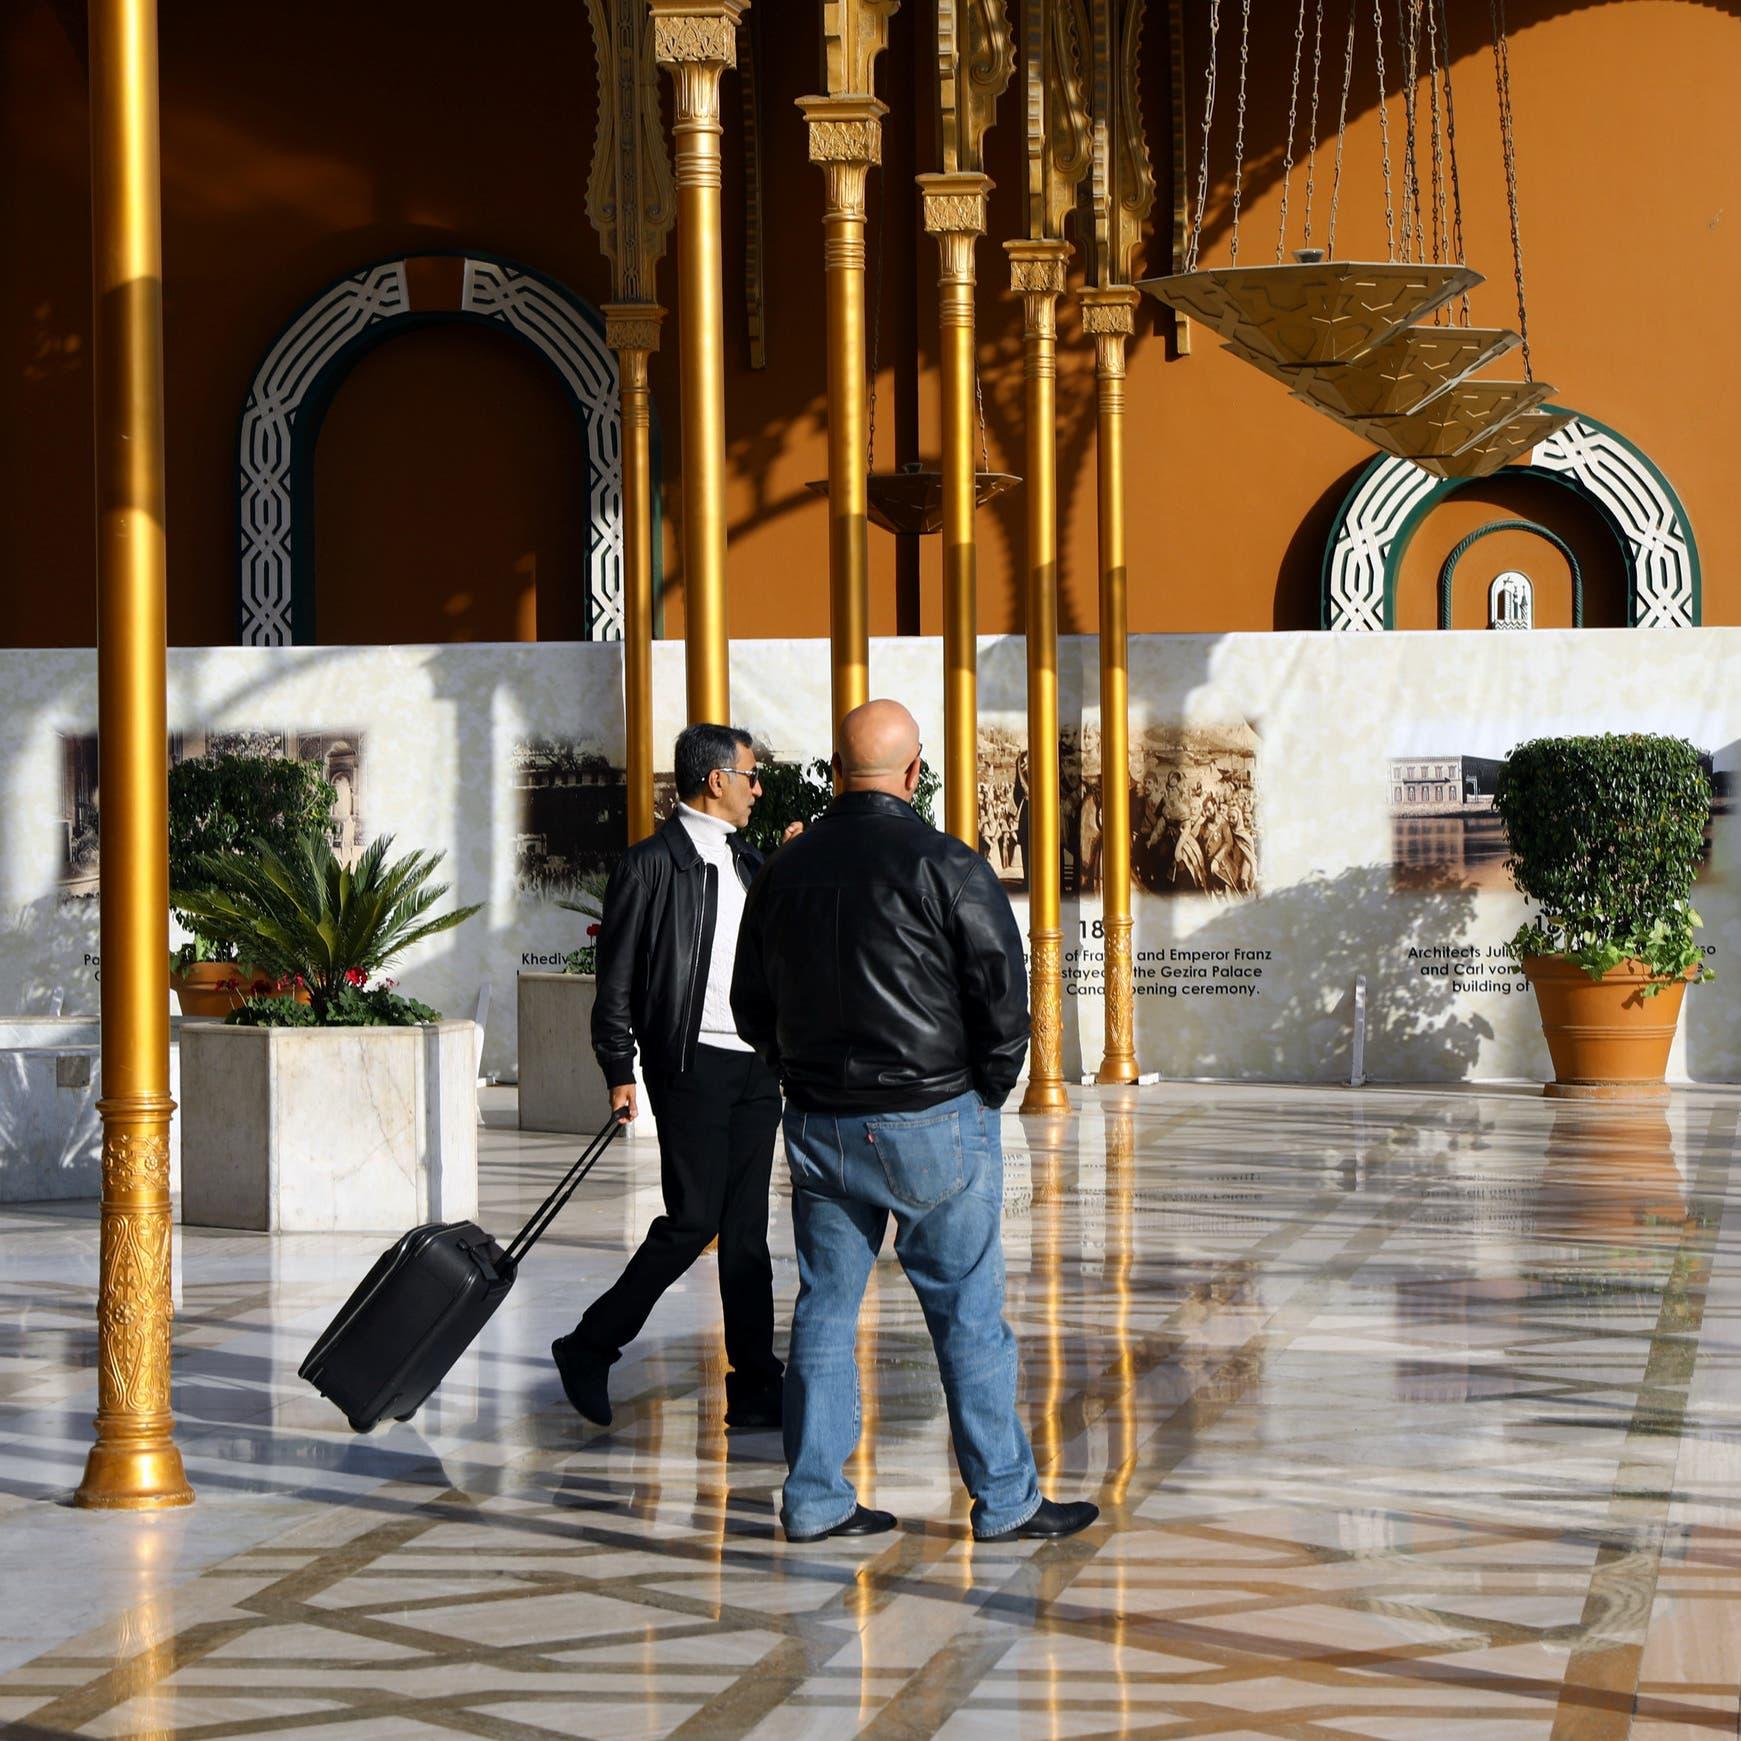 مصر تقر حداً أدنى للإقامة في المنشآت الفندقية.. وهذه قيمته